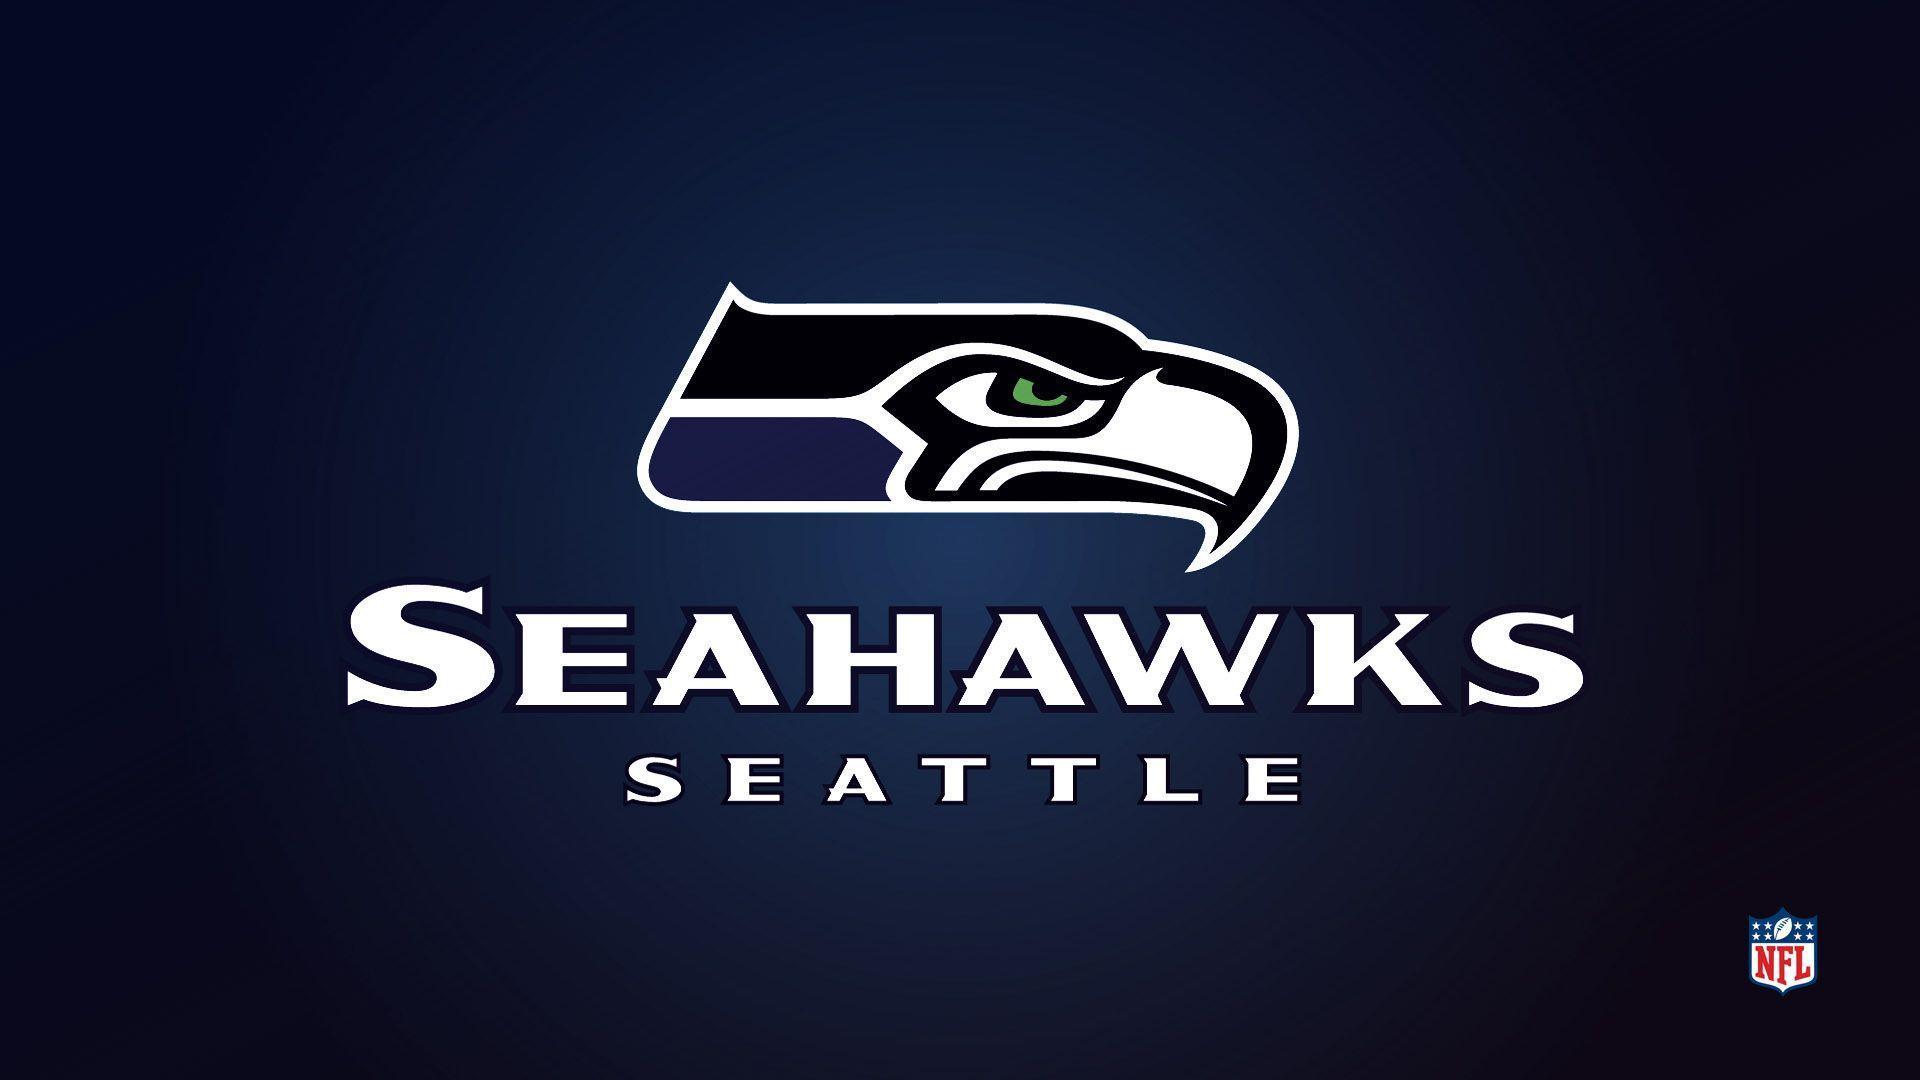 Seattle Seahawks HD Wallpapers - HD Wallpapers Inn